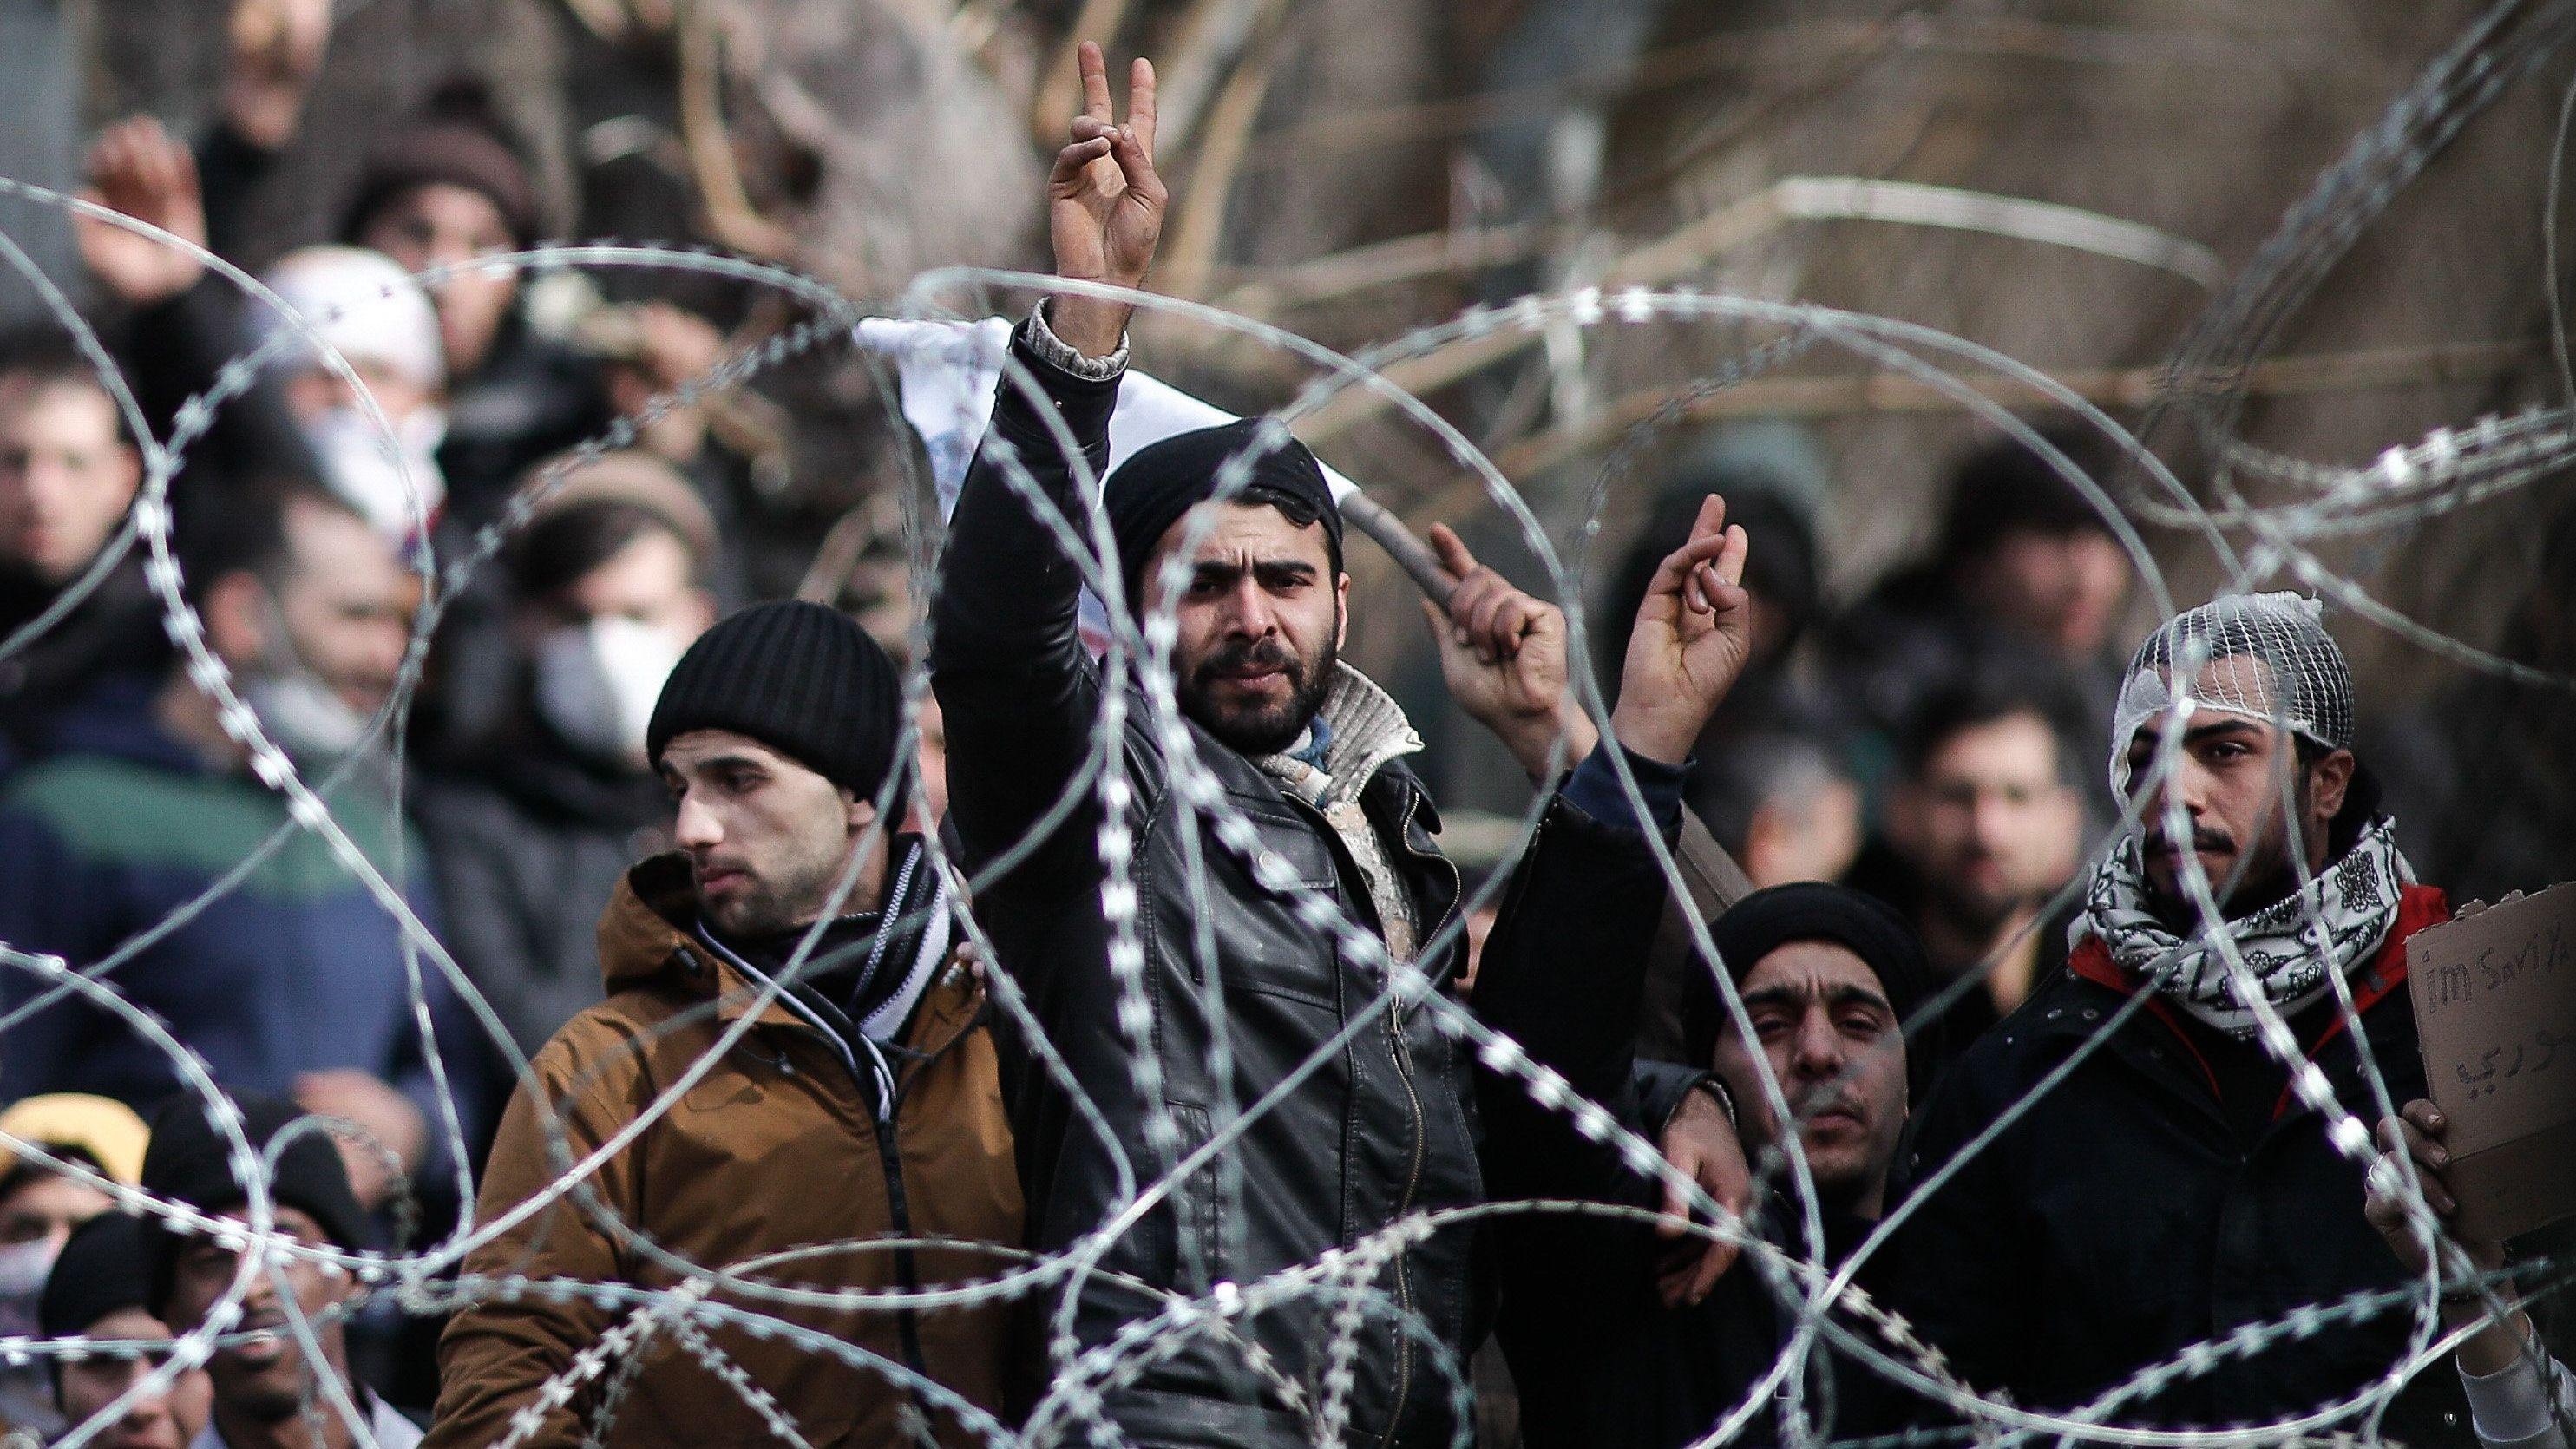 Flüchtlinge im Grenzgebiet zwischen Griechenland und der Türkei